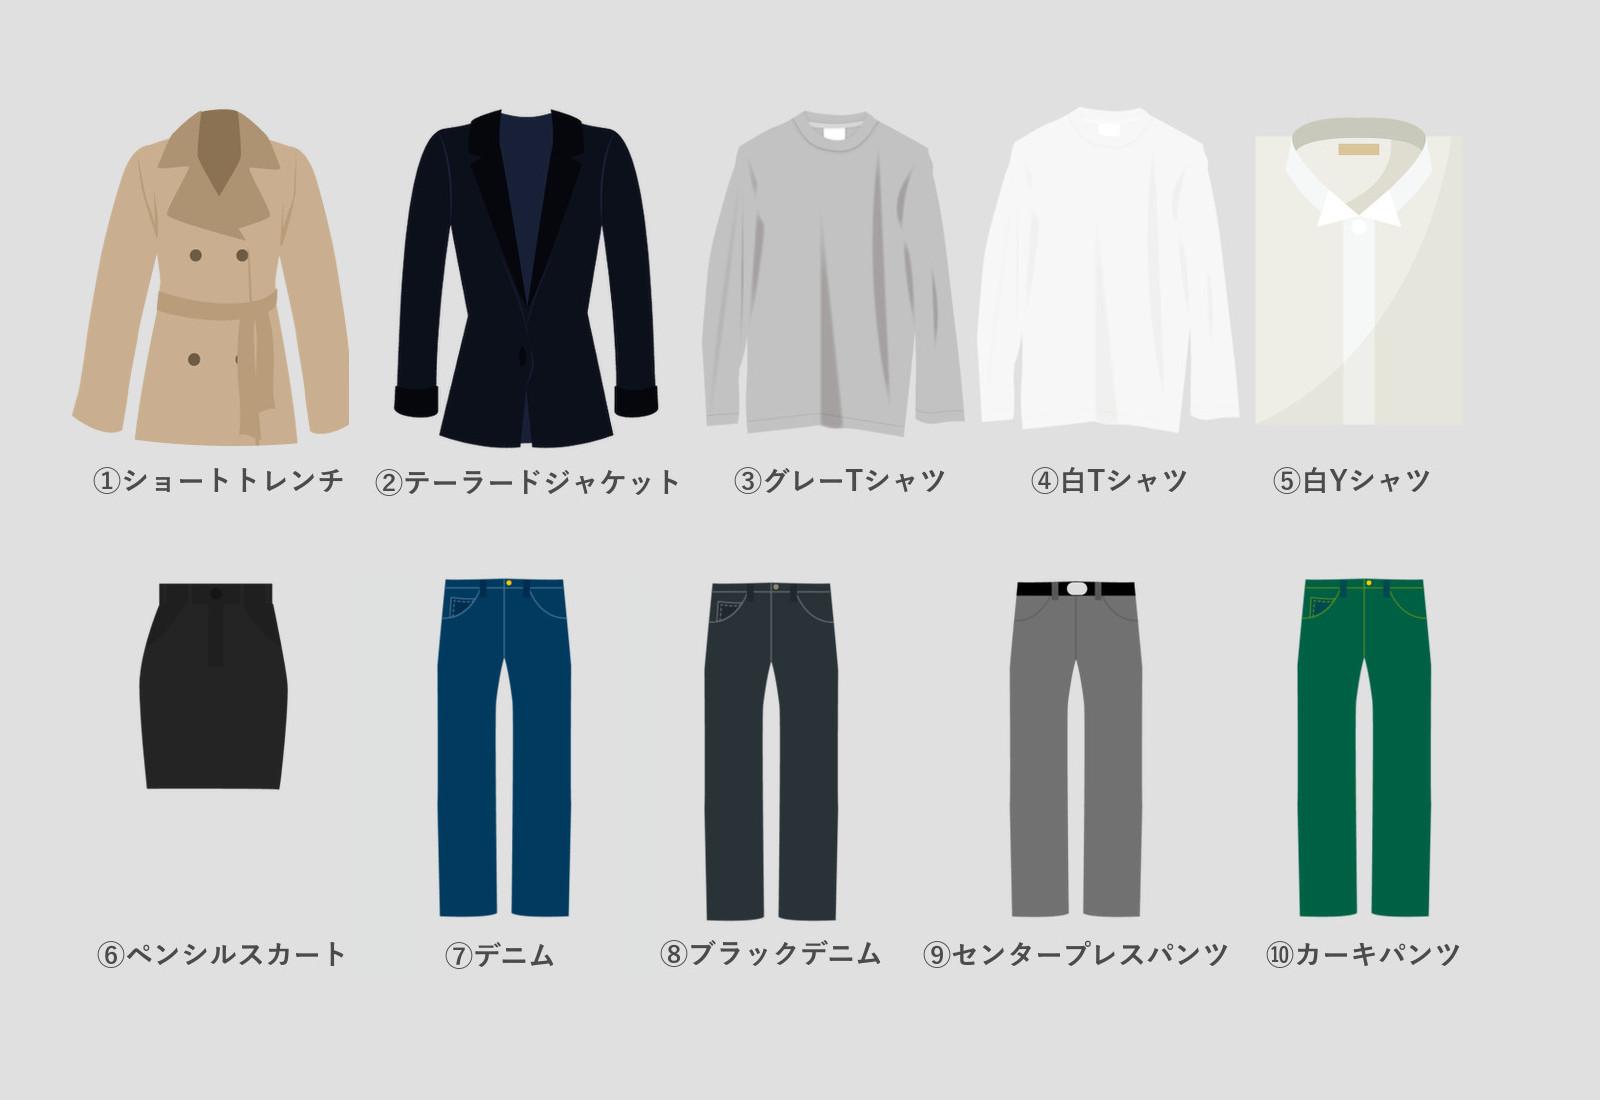 10種類のファッションアイテム一覧